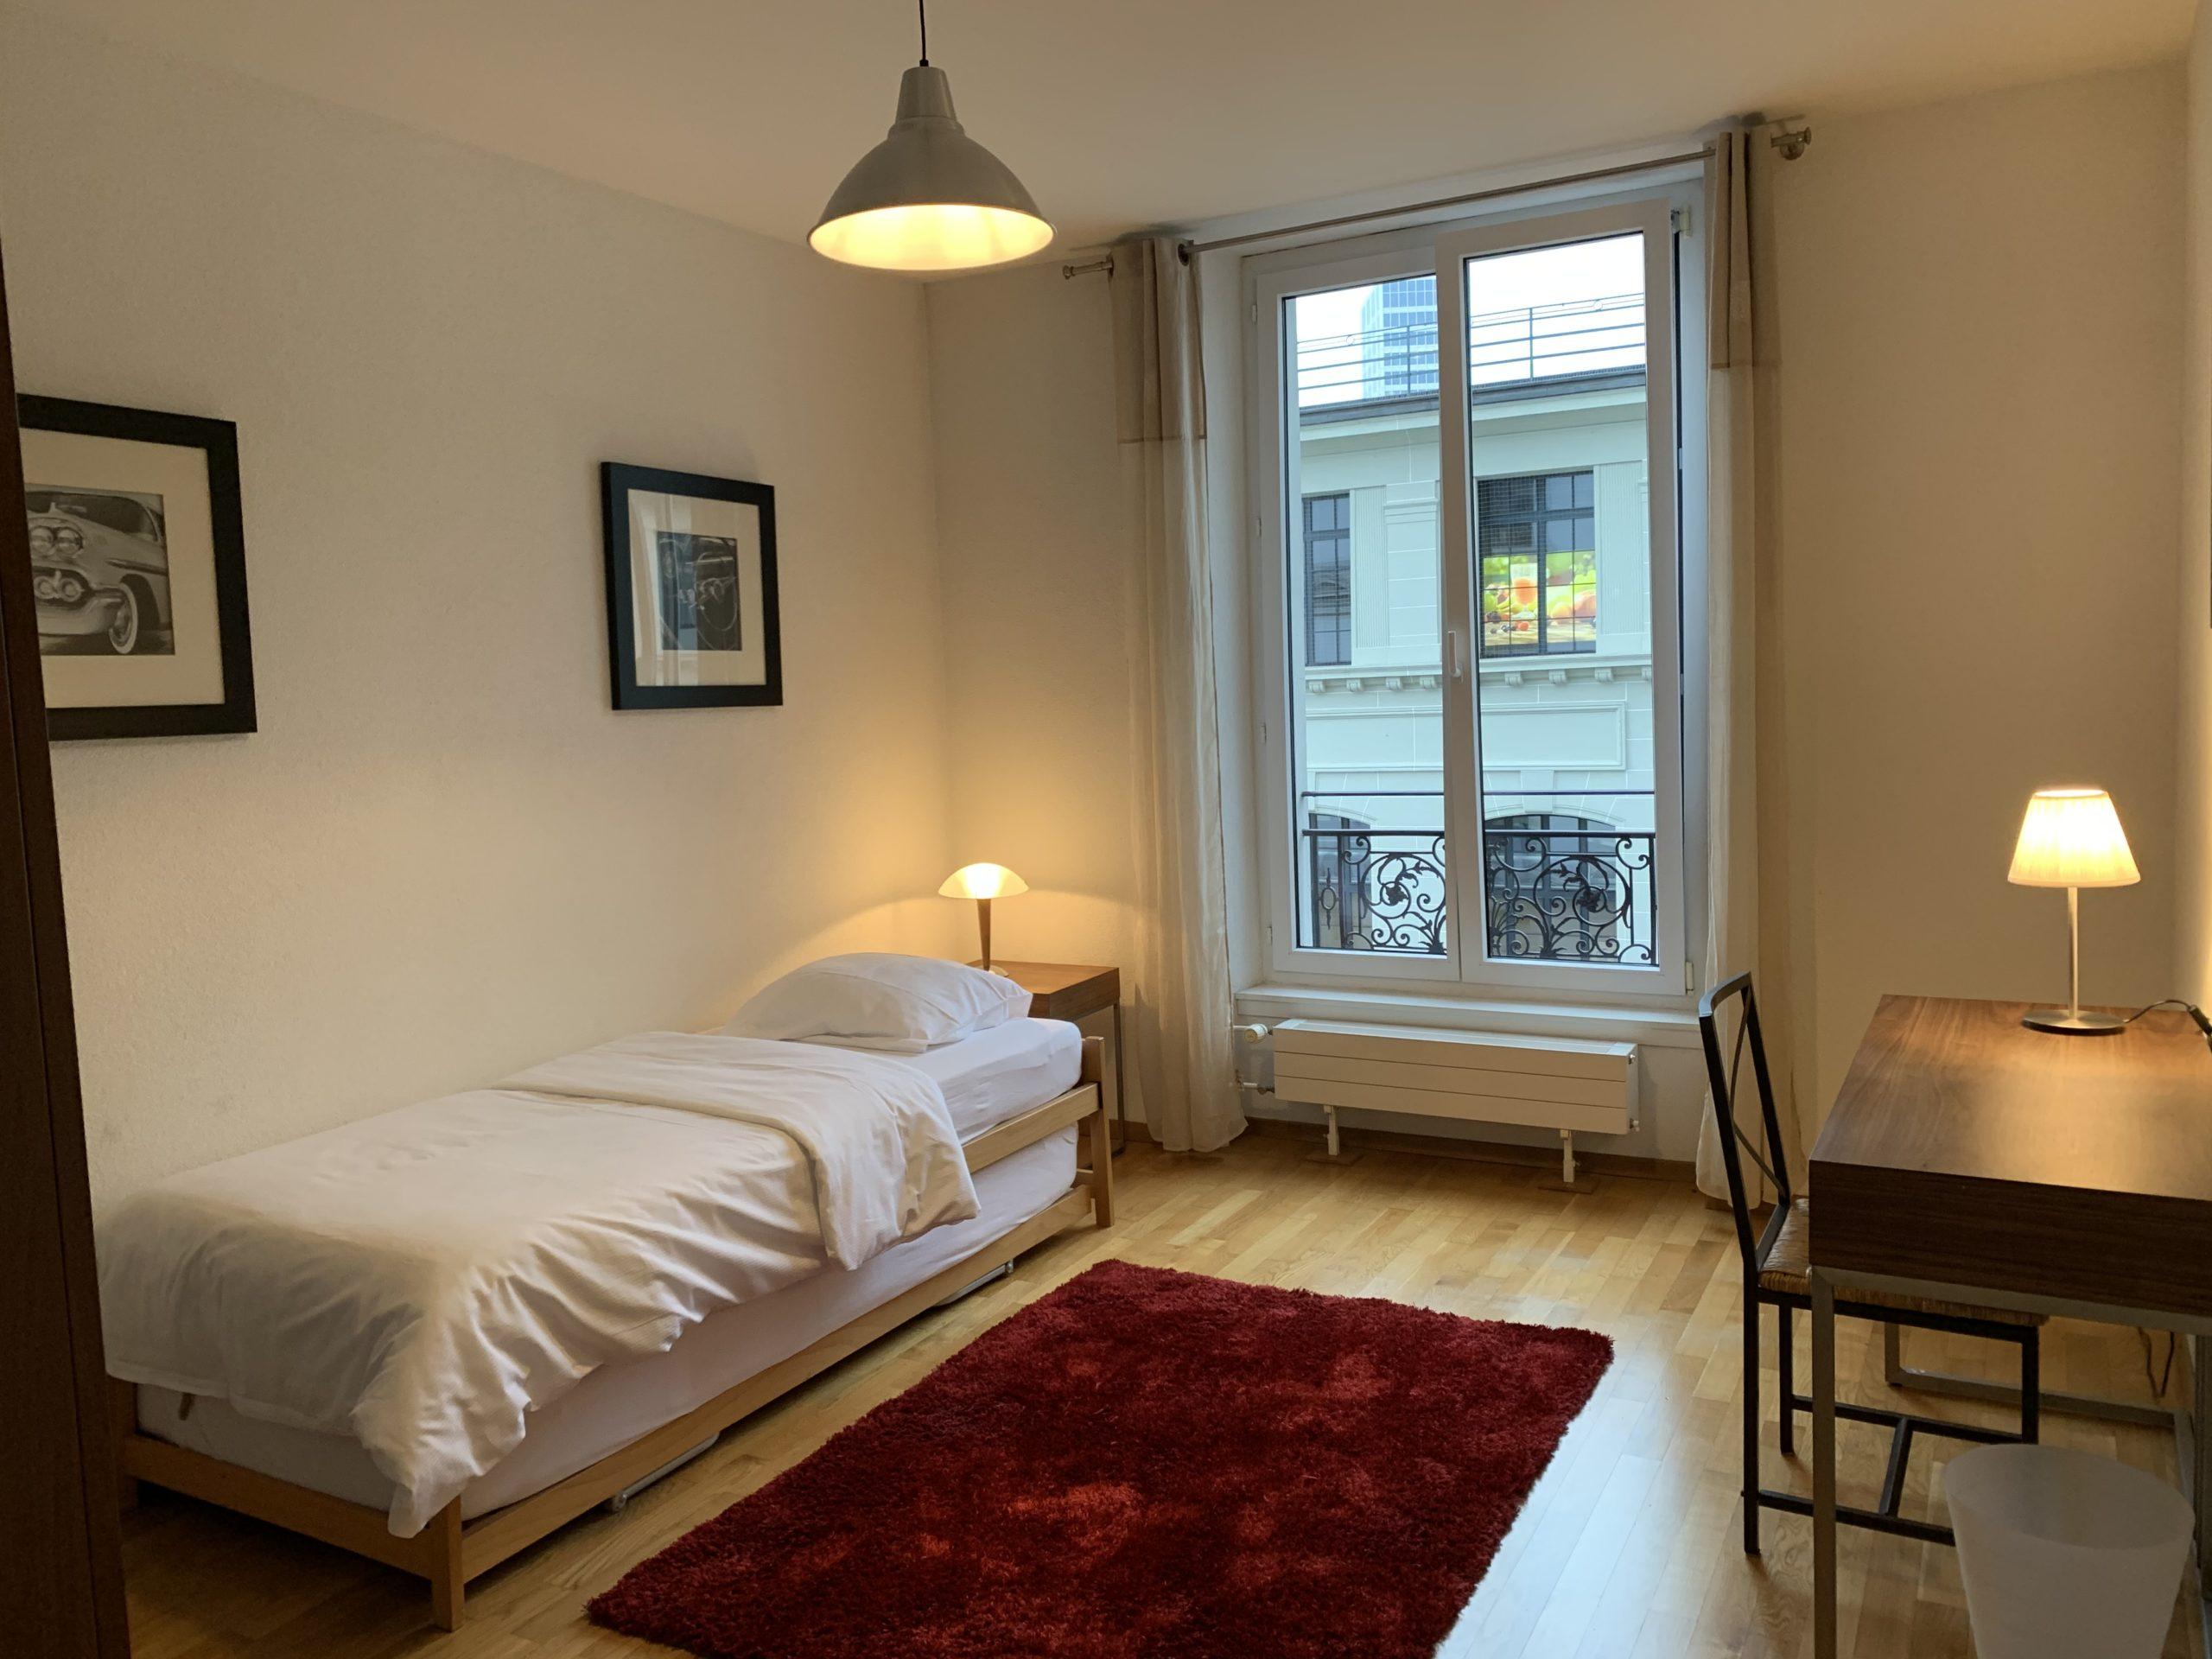 Ch. du Closelet 4, Lausanne - 3,5 pièces - Lot 21 26